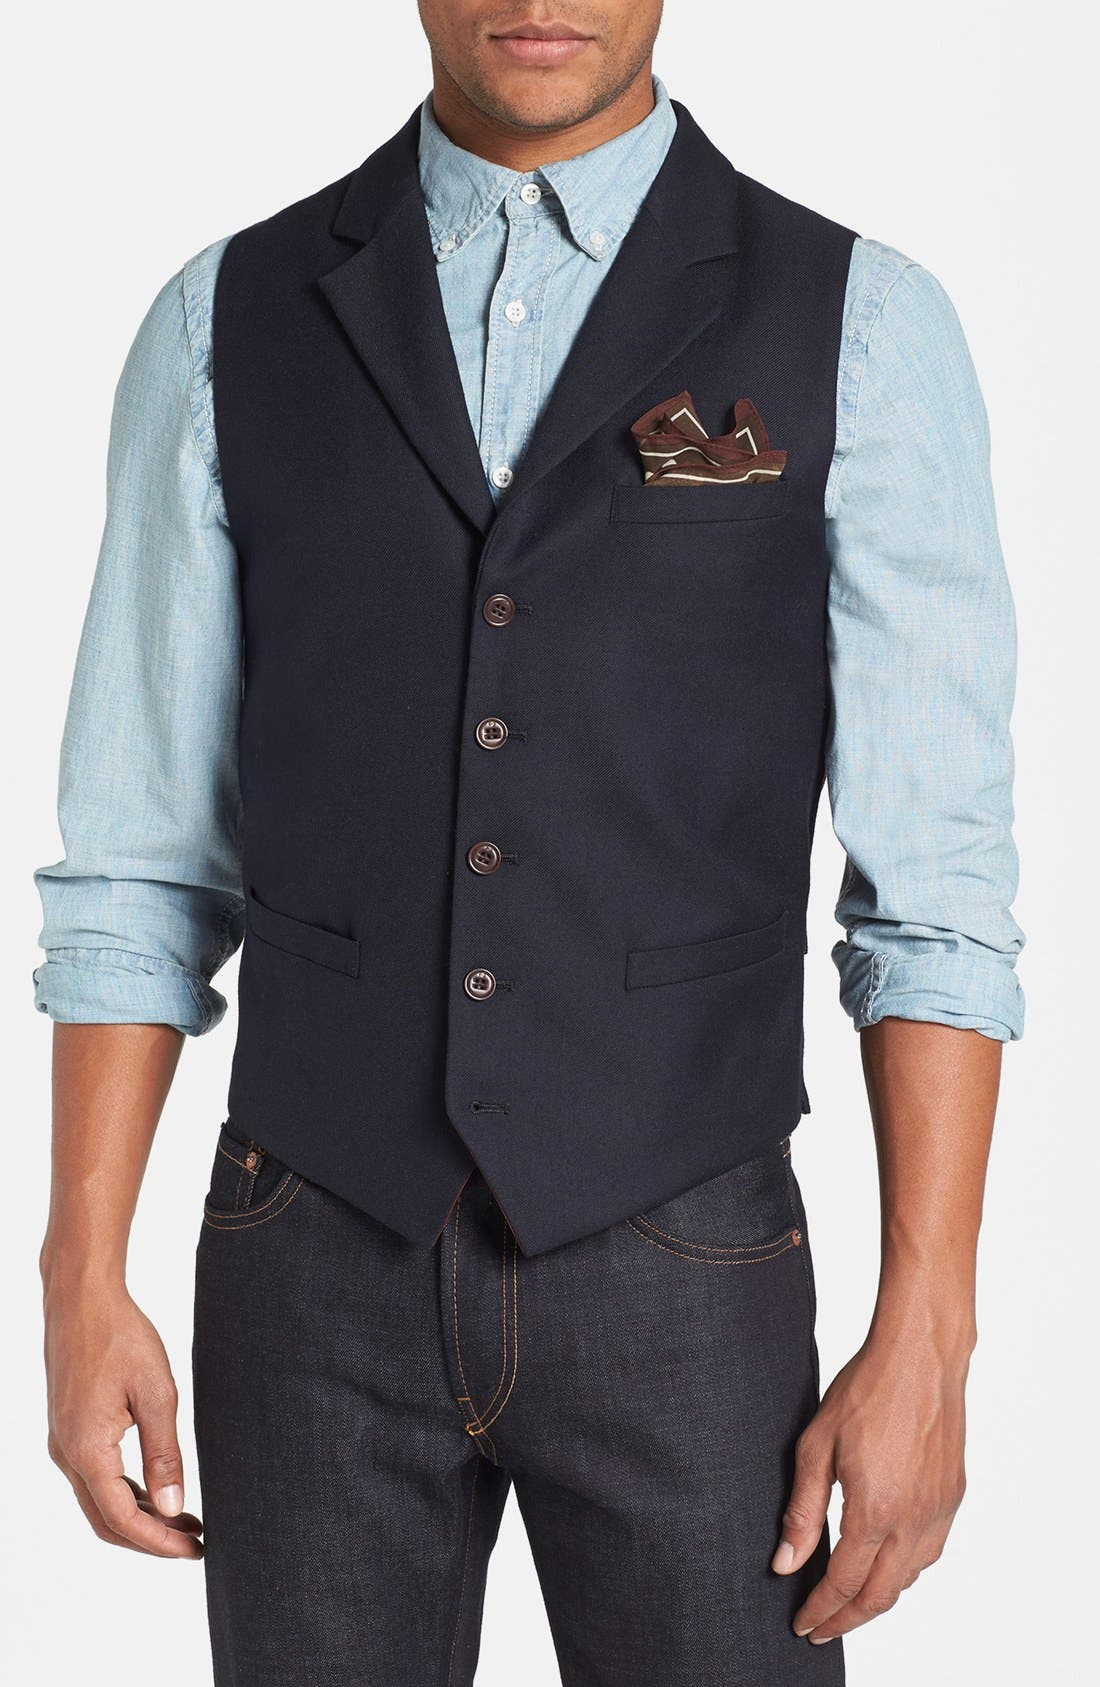 Alternate Image 1 Selected - Scotch & Soda Cotton Vest